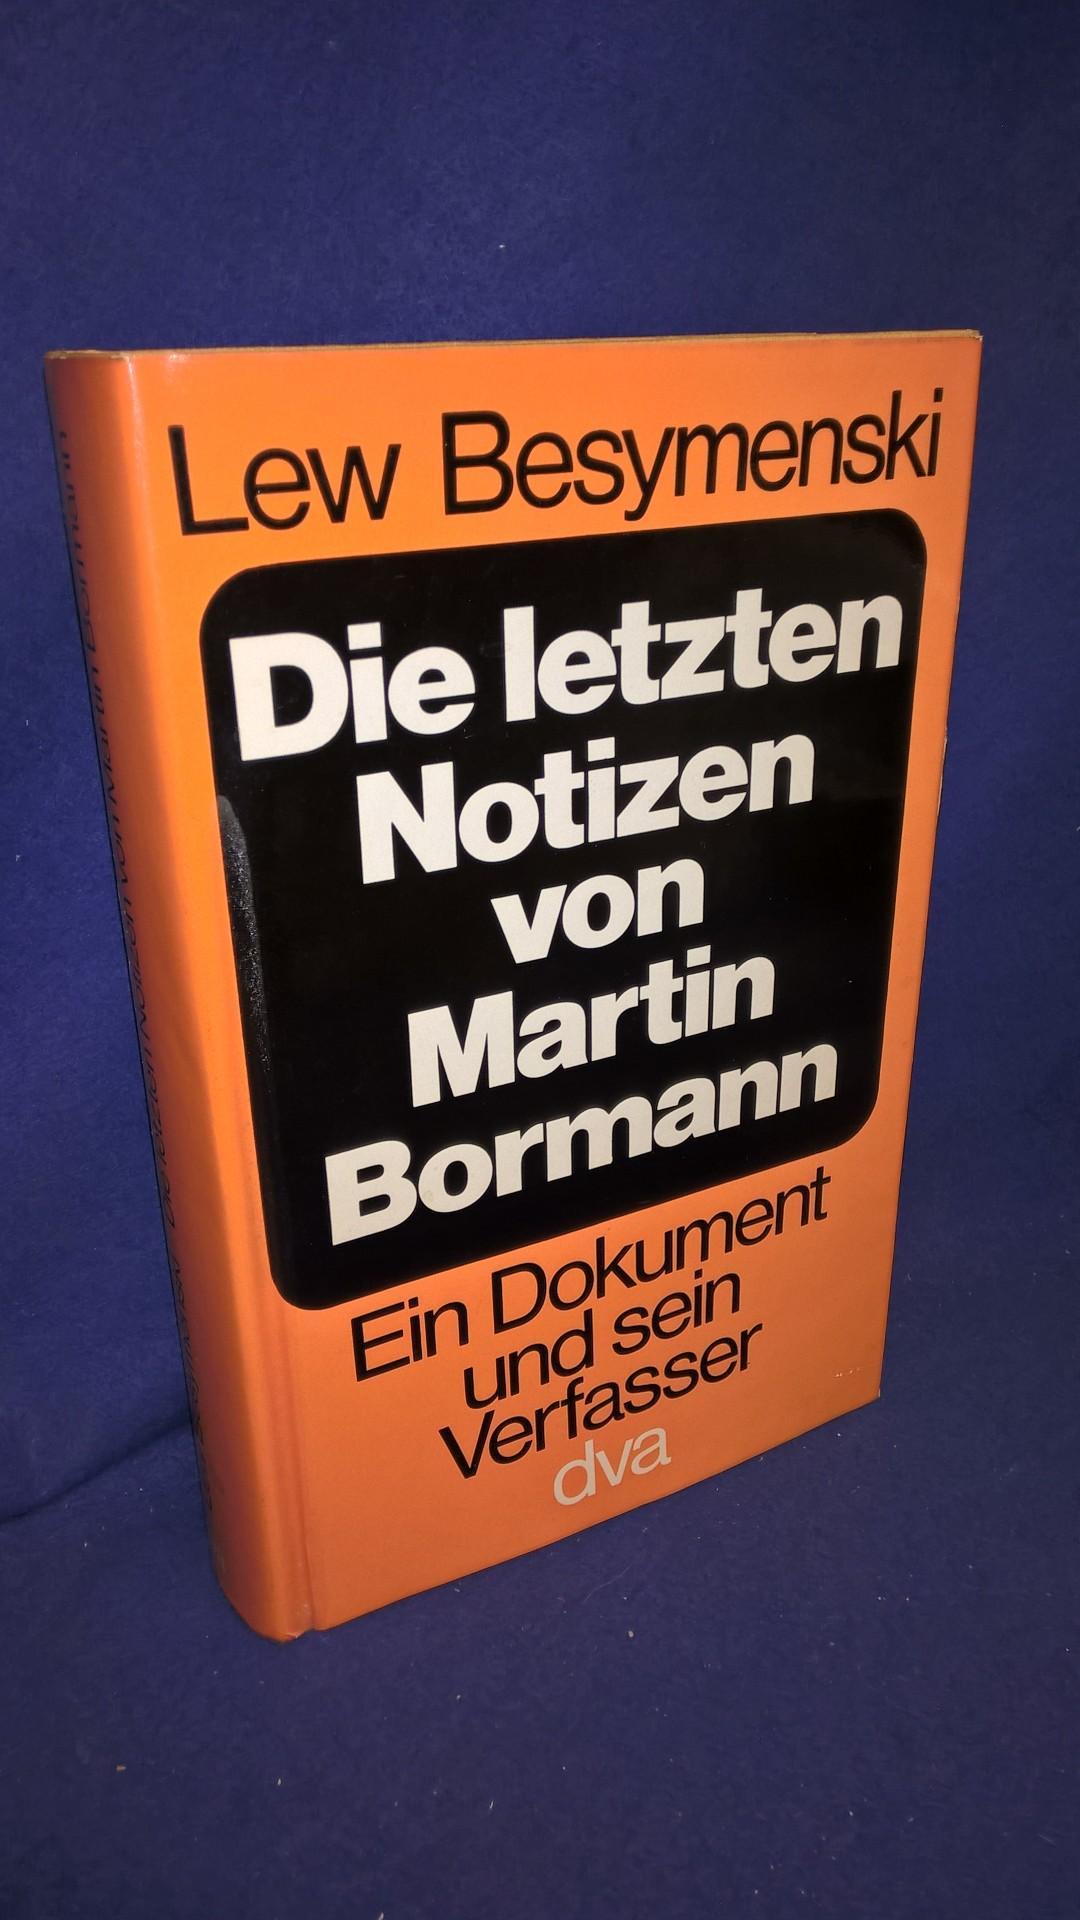 Die letzten Notizen von Martin Bormann - Ein Dokument und sein Verfasser